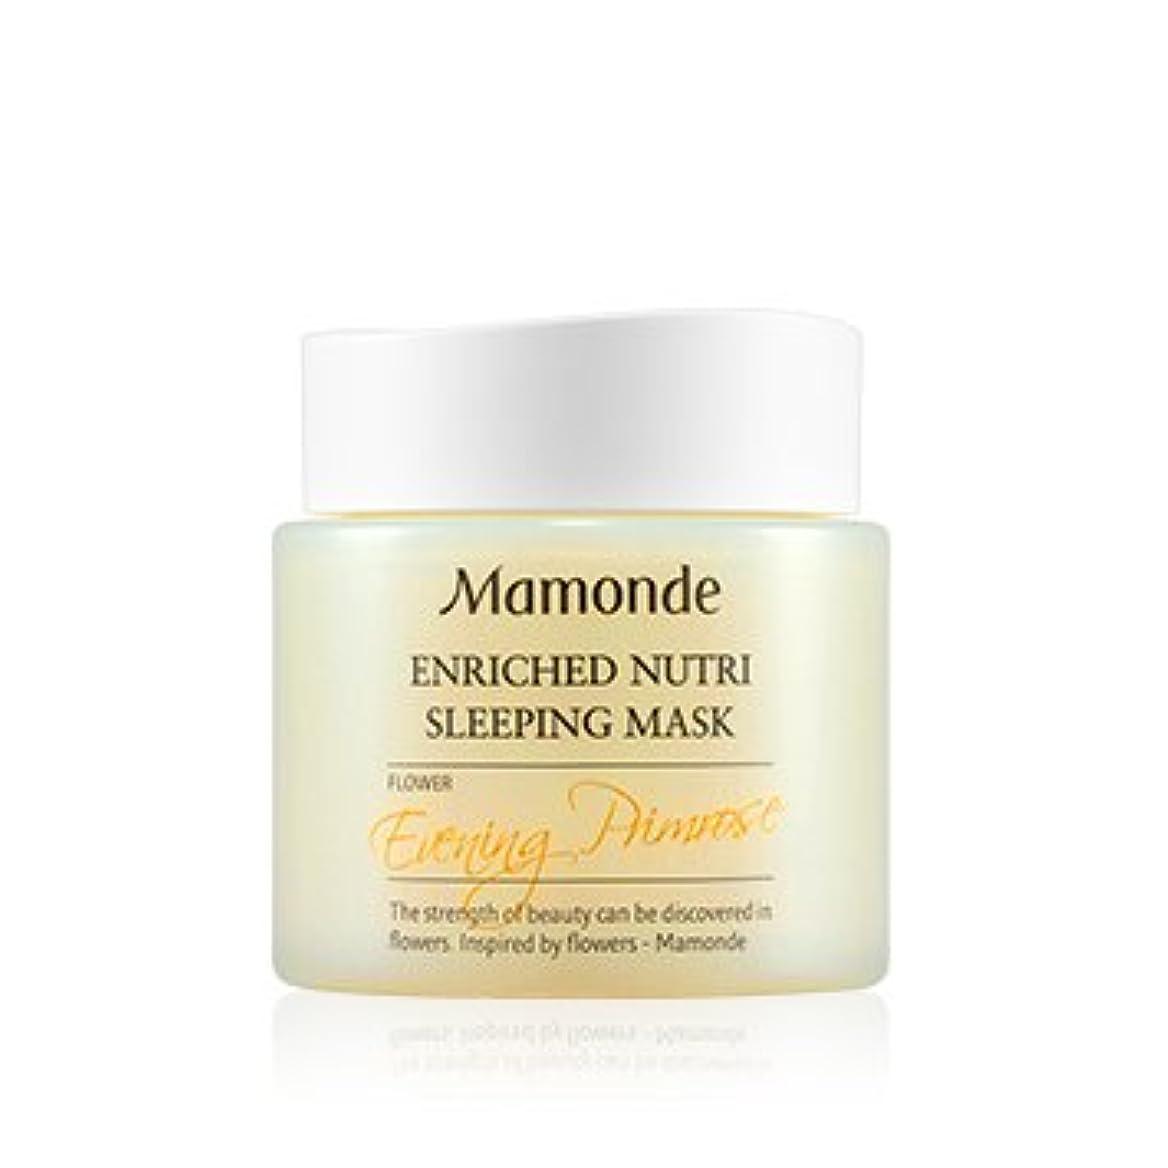 慢なつまらないミント[New] Mamonde Enriched Nutri Sleeping Mask 100ml/マモンド エンリッチド ニュートリ スリーピング マスク 100ml [並行輸入品]